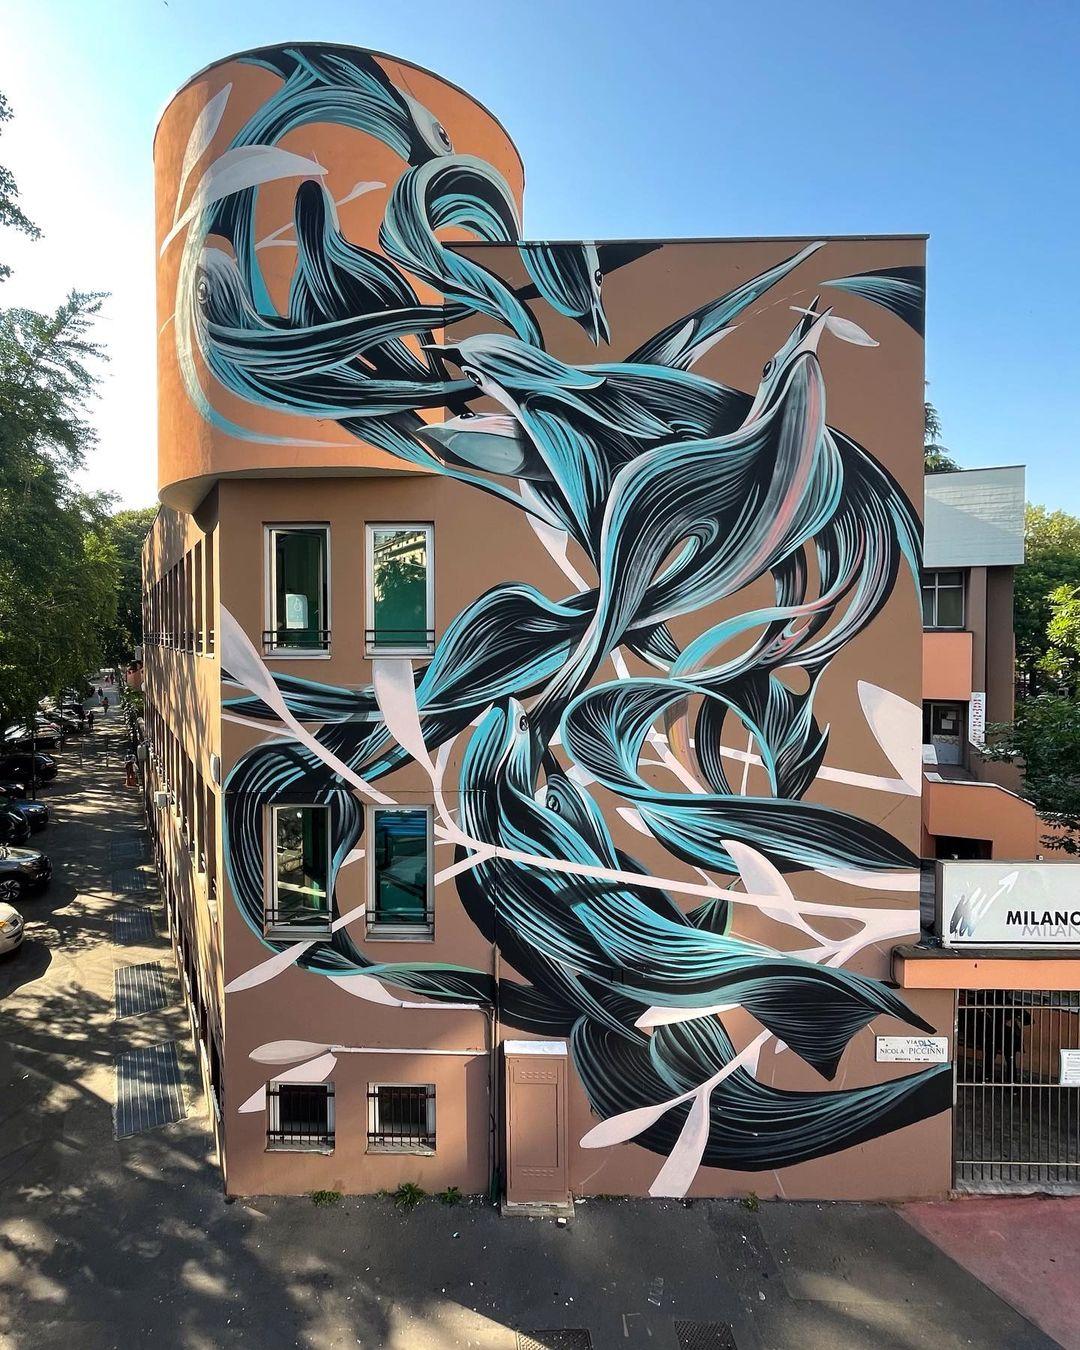 Artwork By Pantonio in Milan (Building facade, Murals)